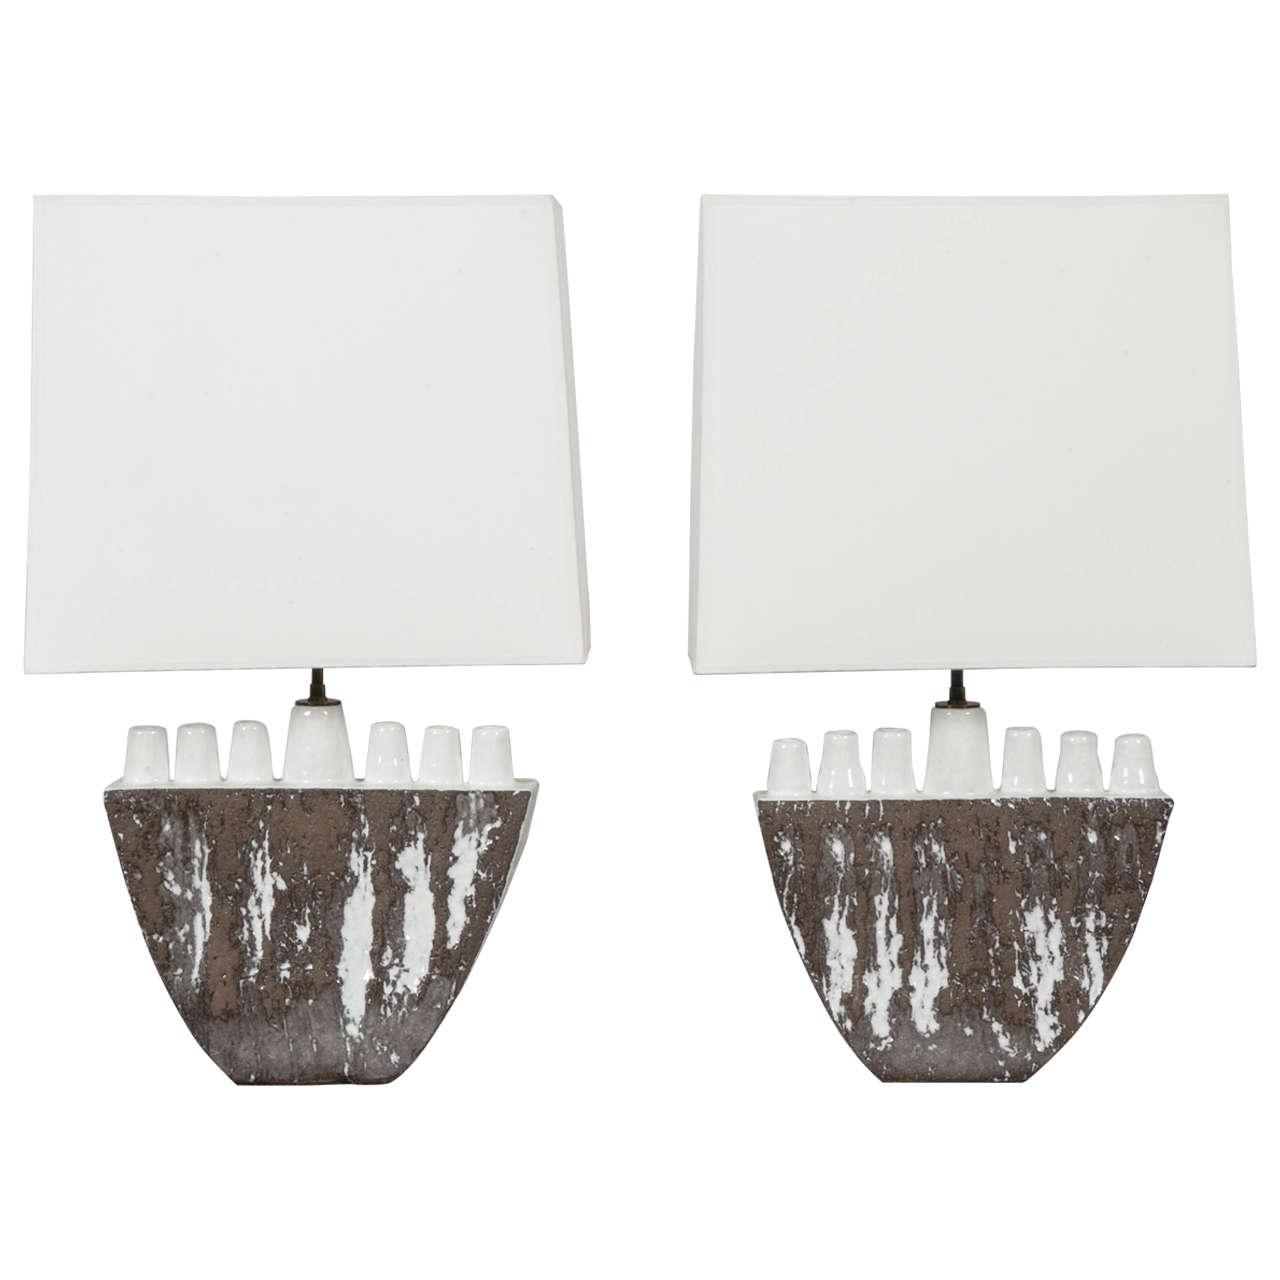 Unusual Pair of Ceramic Lamps